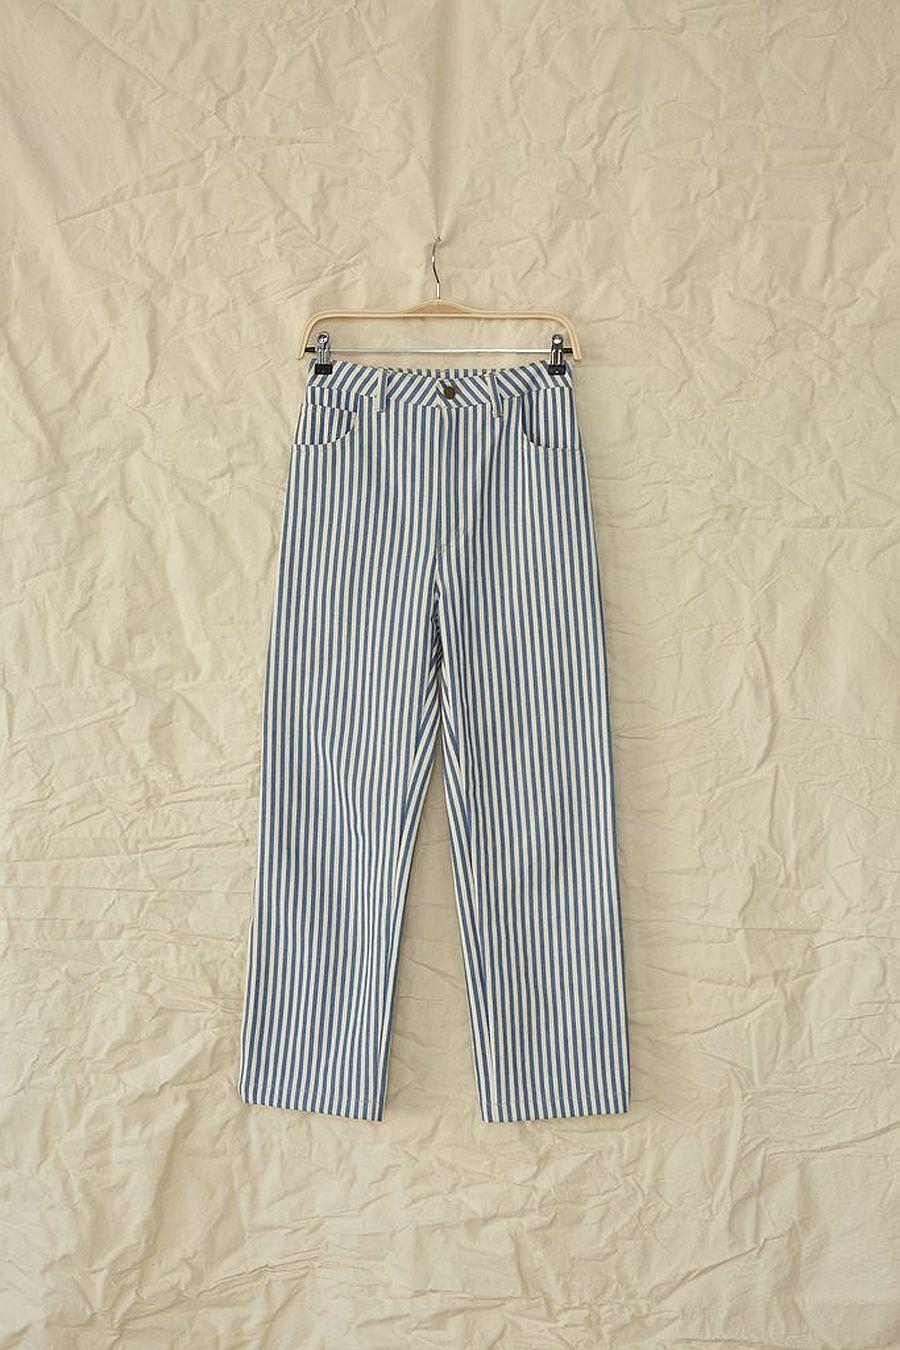 Lykke Wullf June Painter Pant - Striped